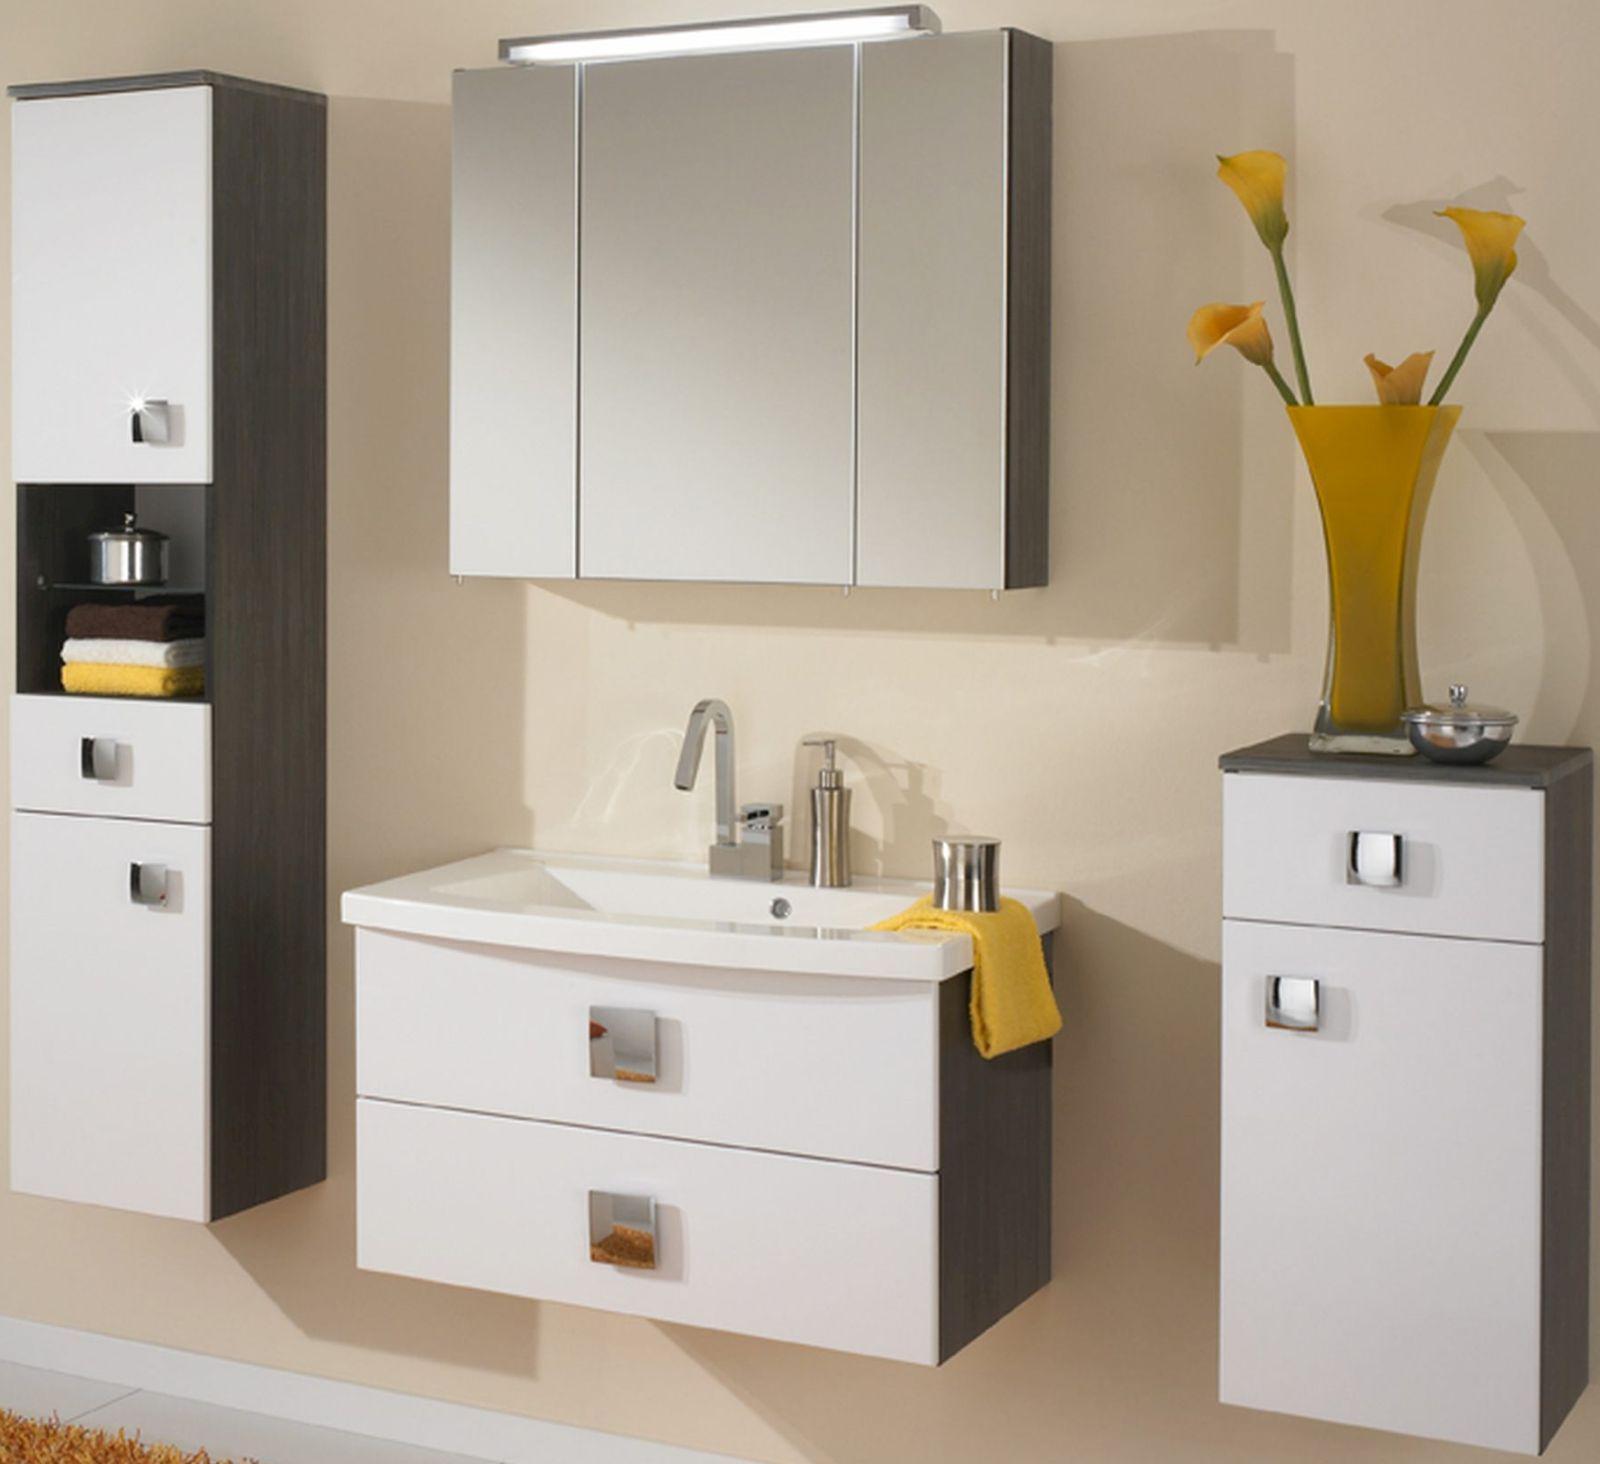 Großartig Badezimmer Quadra U2013 Goldchunks, Badezimmer Ideen